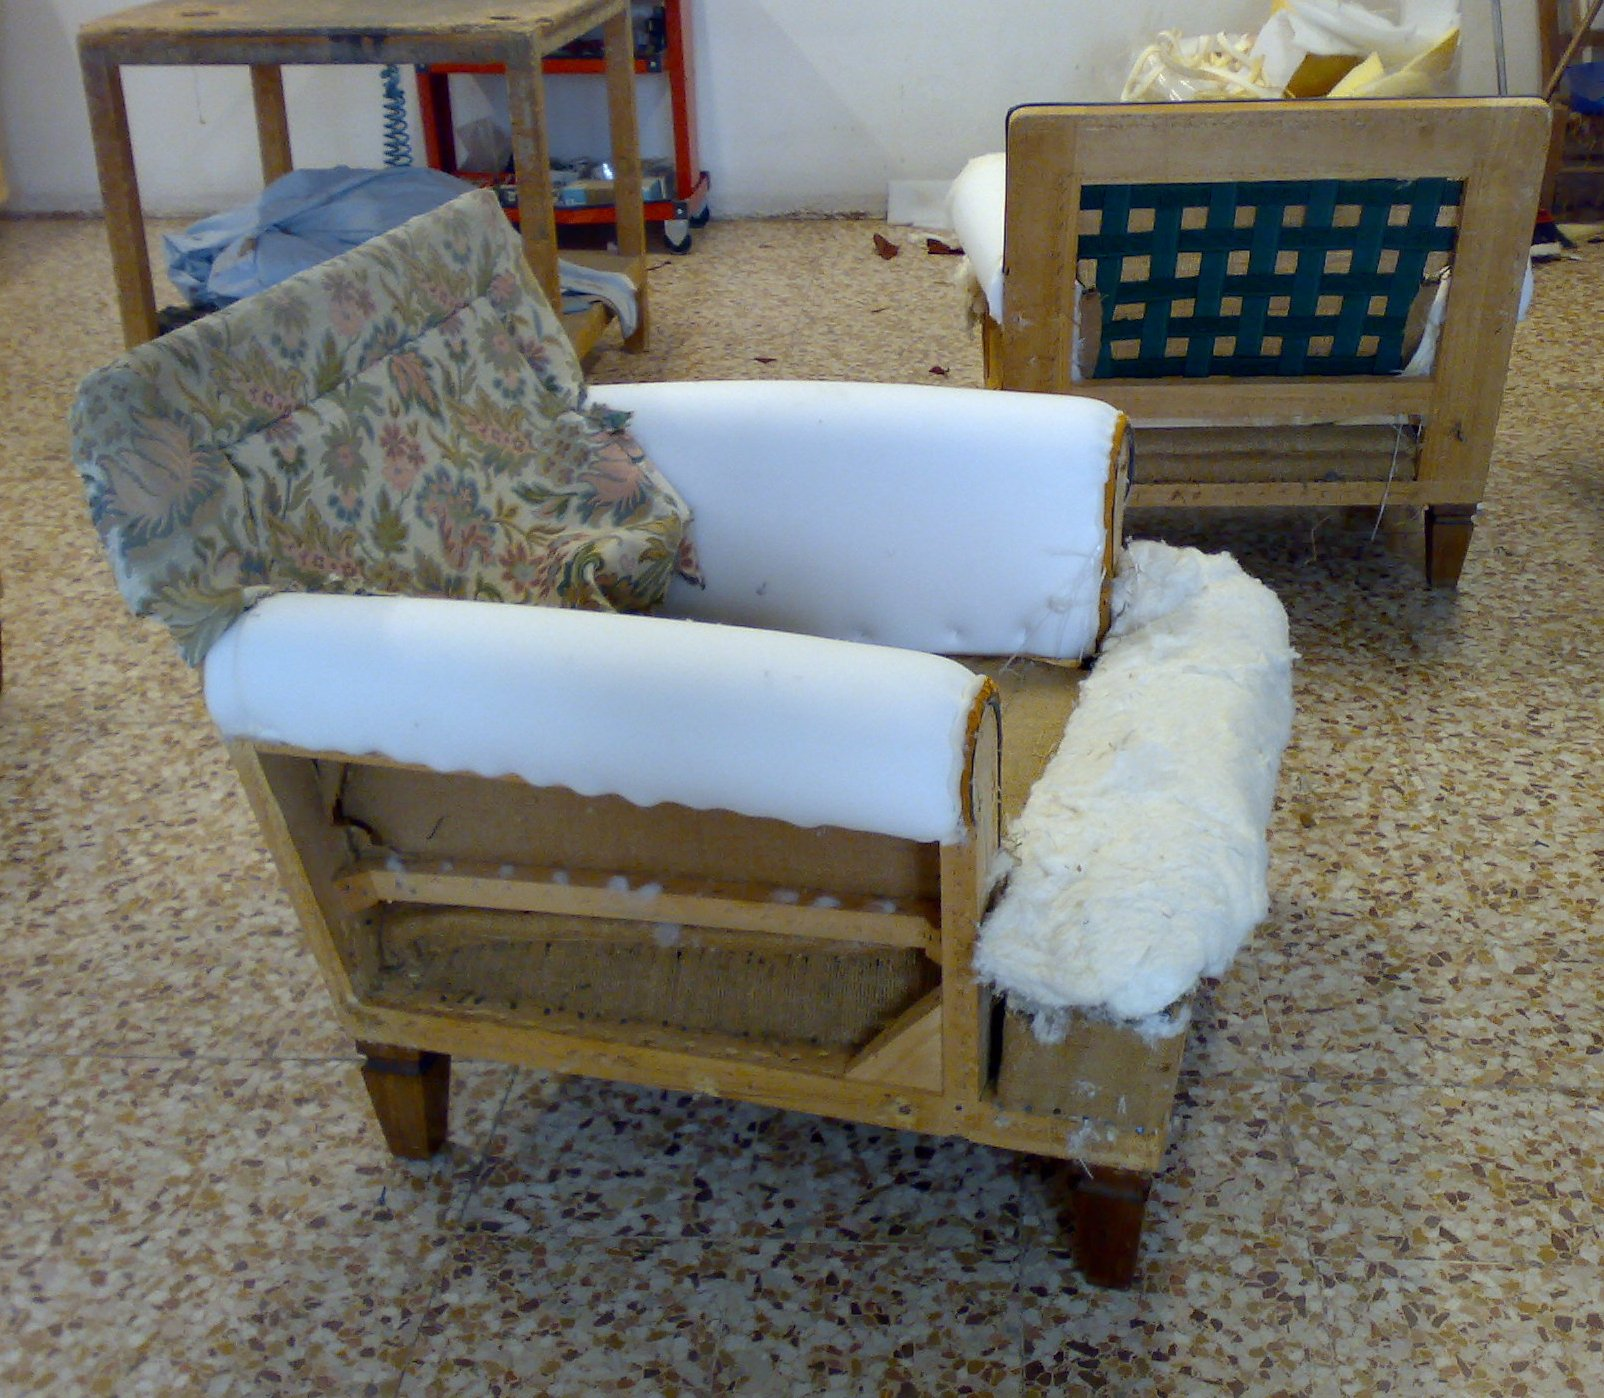 Rifacimento sedie poltrone divani restauro fusti in - Fusti divani e poltrone ...